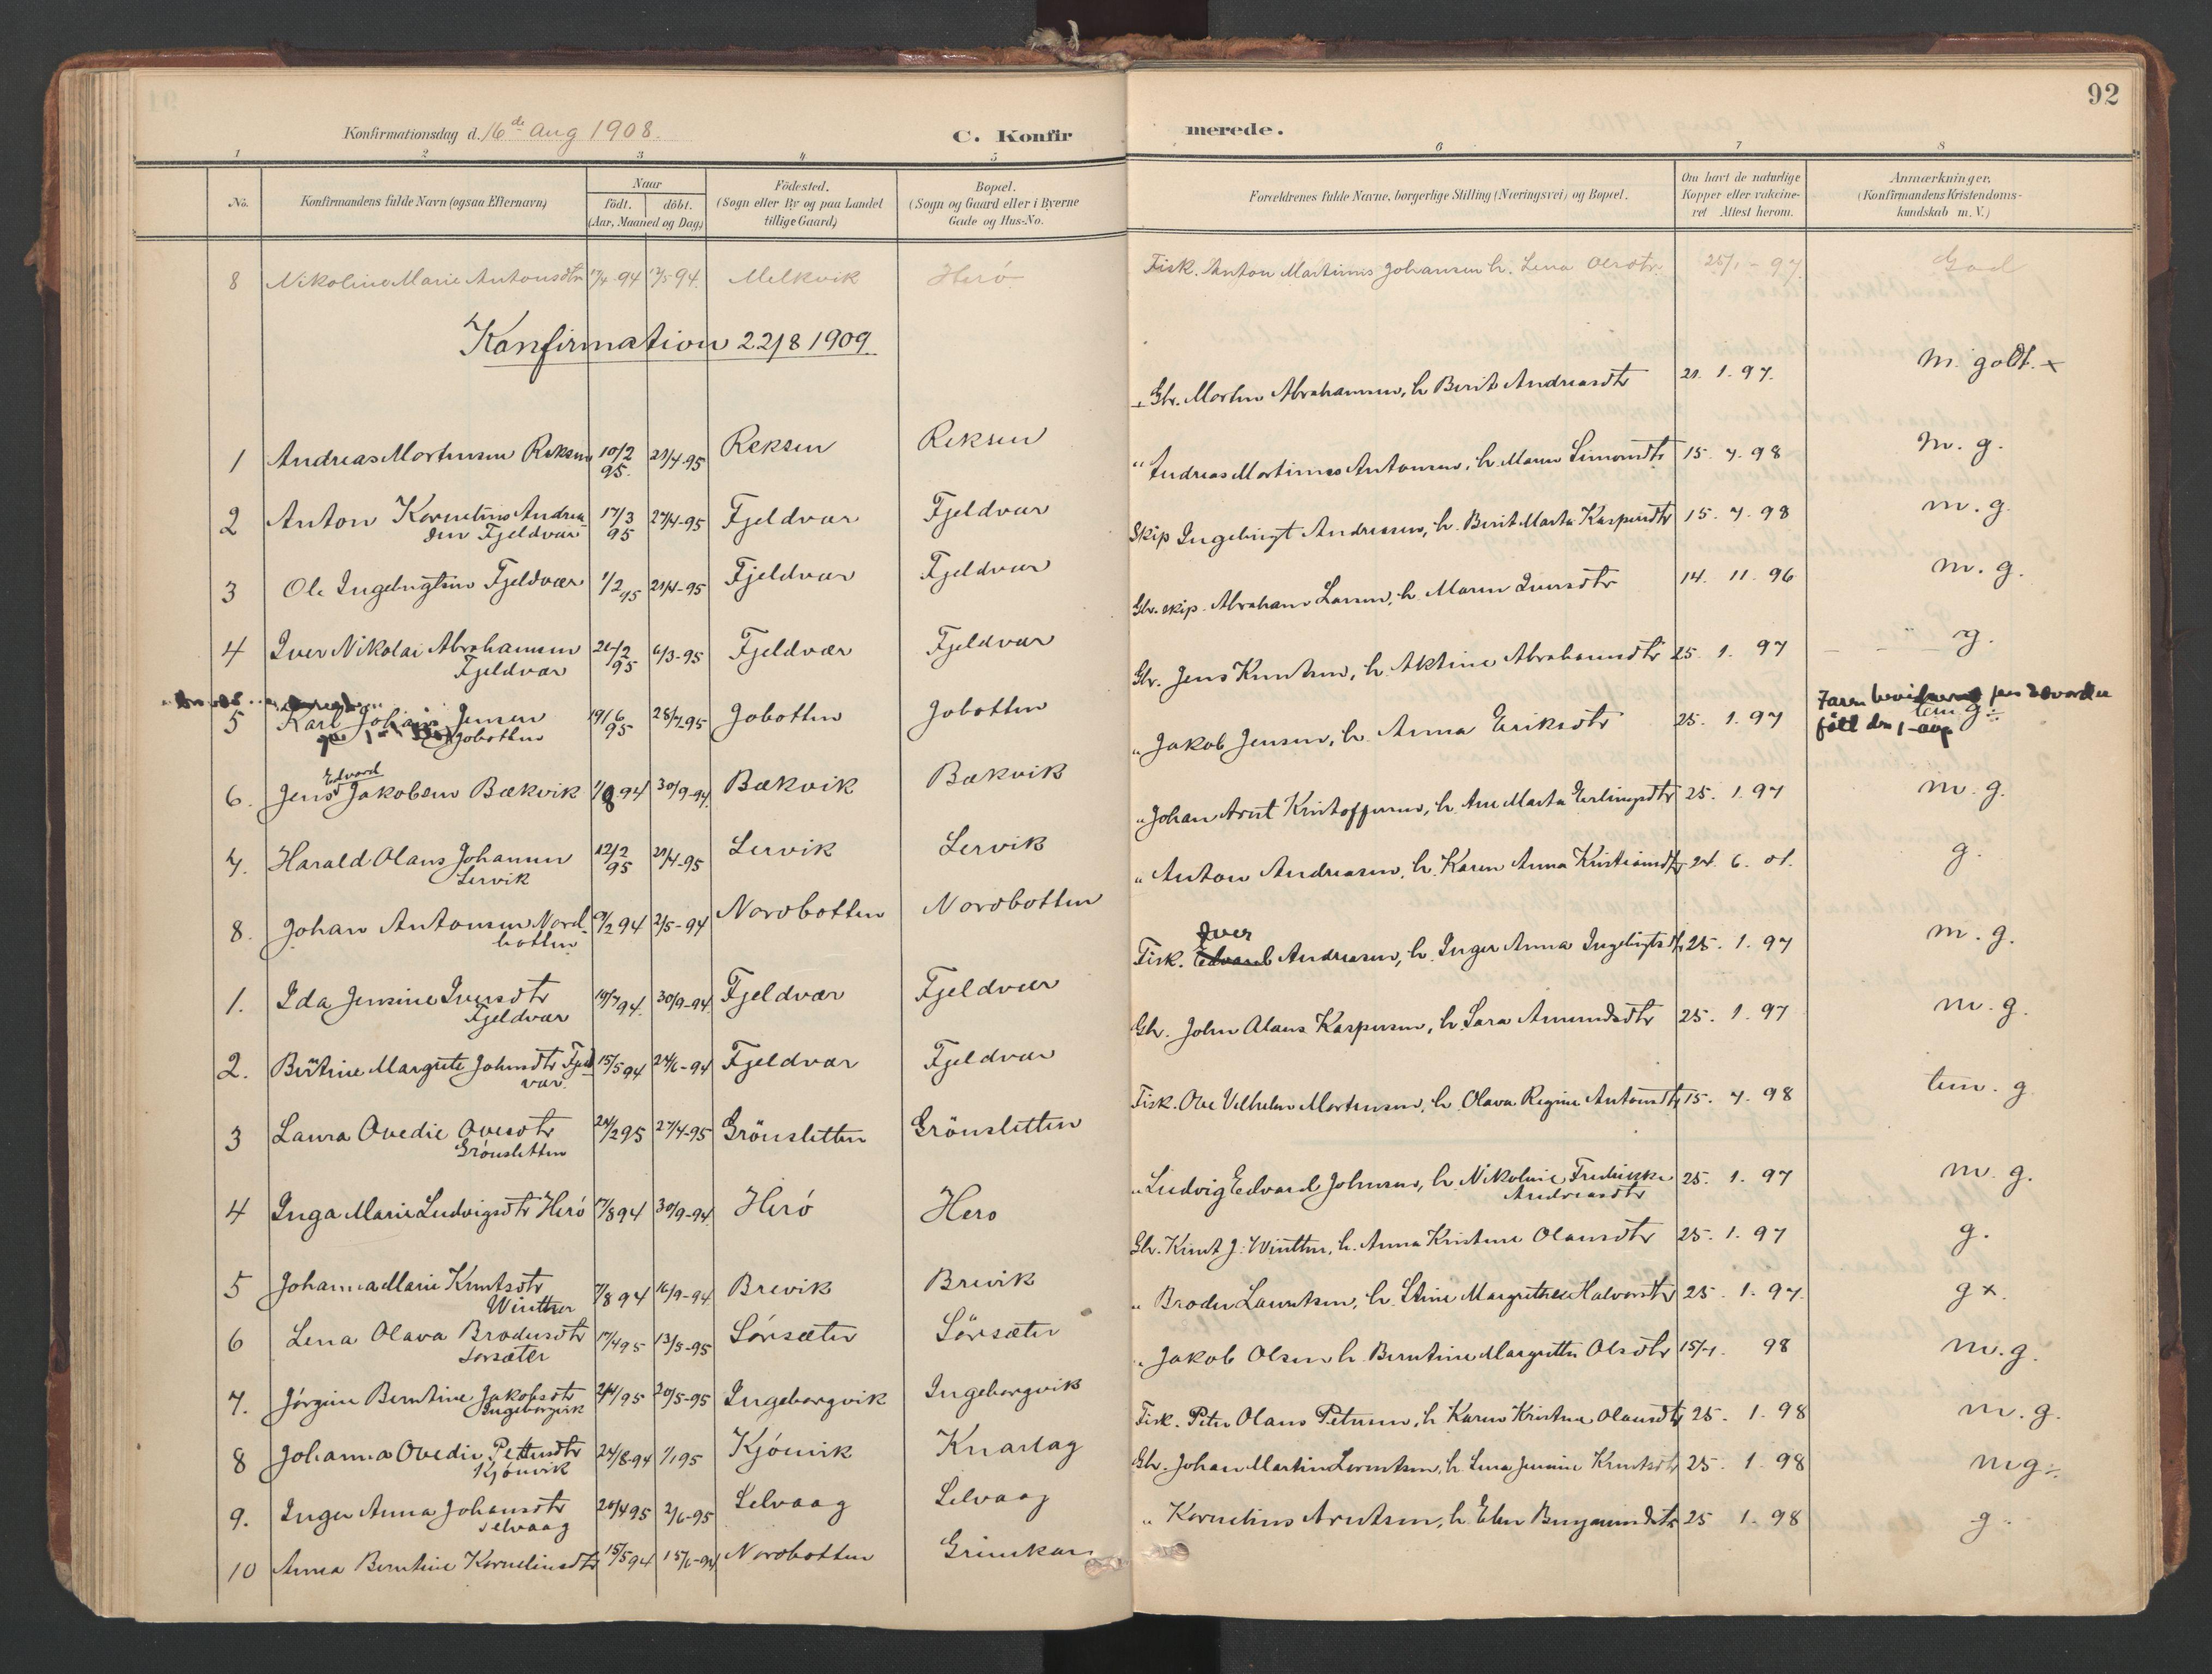 SAT, Ministerialprotokoller, klokkerbøker og fødselsregistre - Sør-Trøndelag, 638/L0568: Ministerialbok nr. 638A01, 1901-1916, s. 92